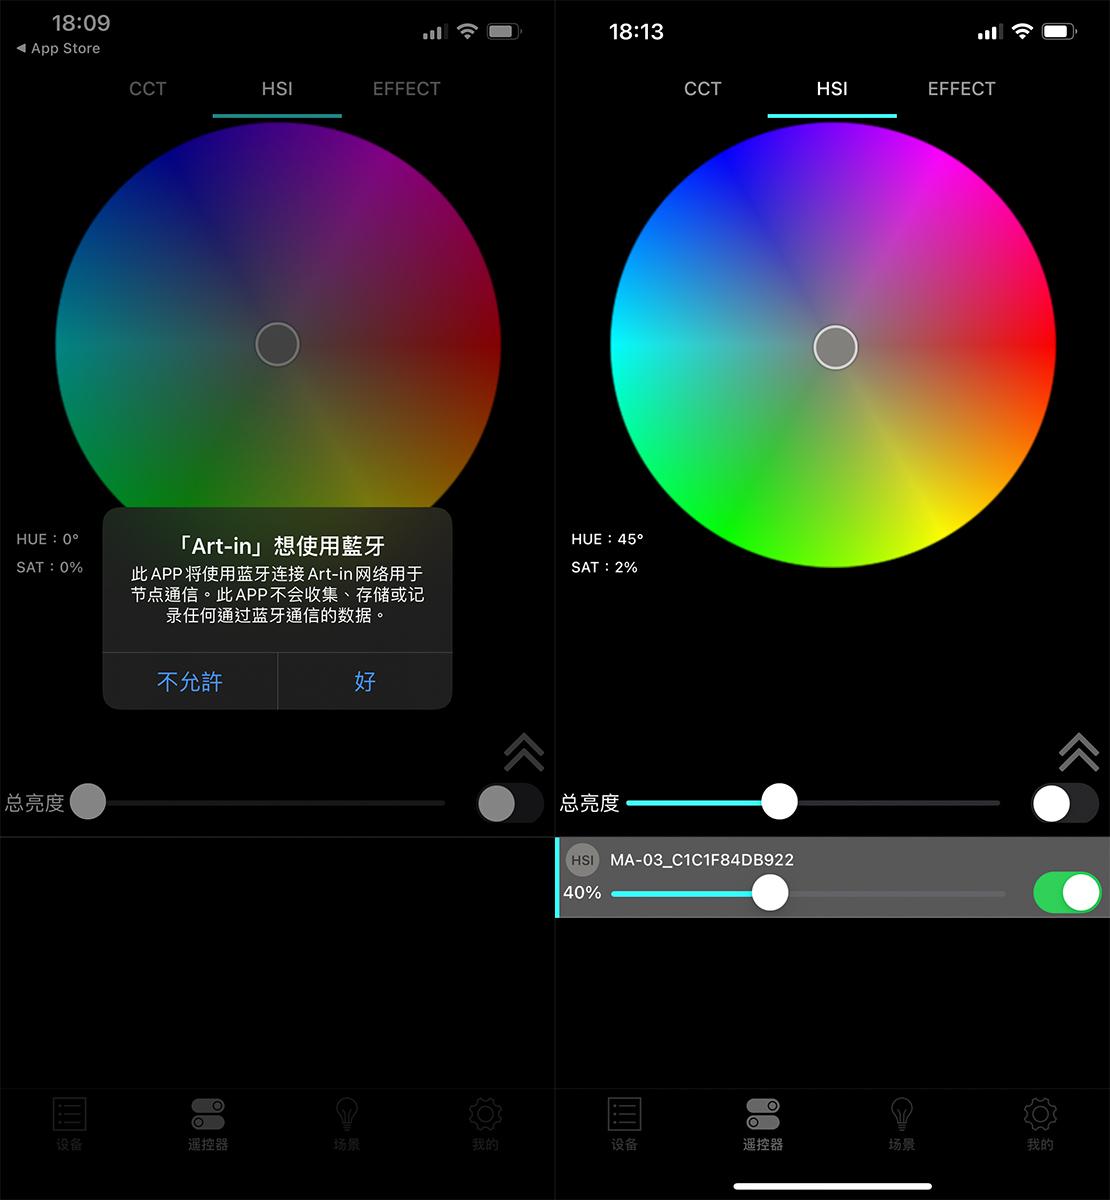 用手機就可進行操作如控制光暗及顏色變化。